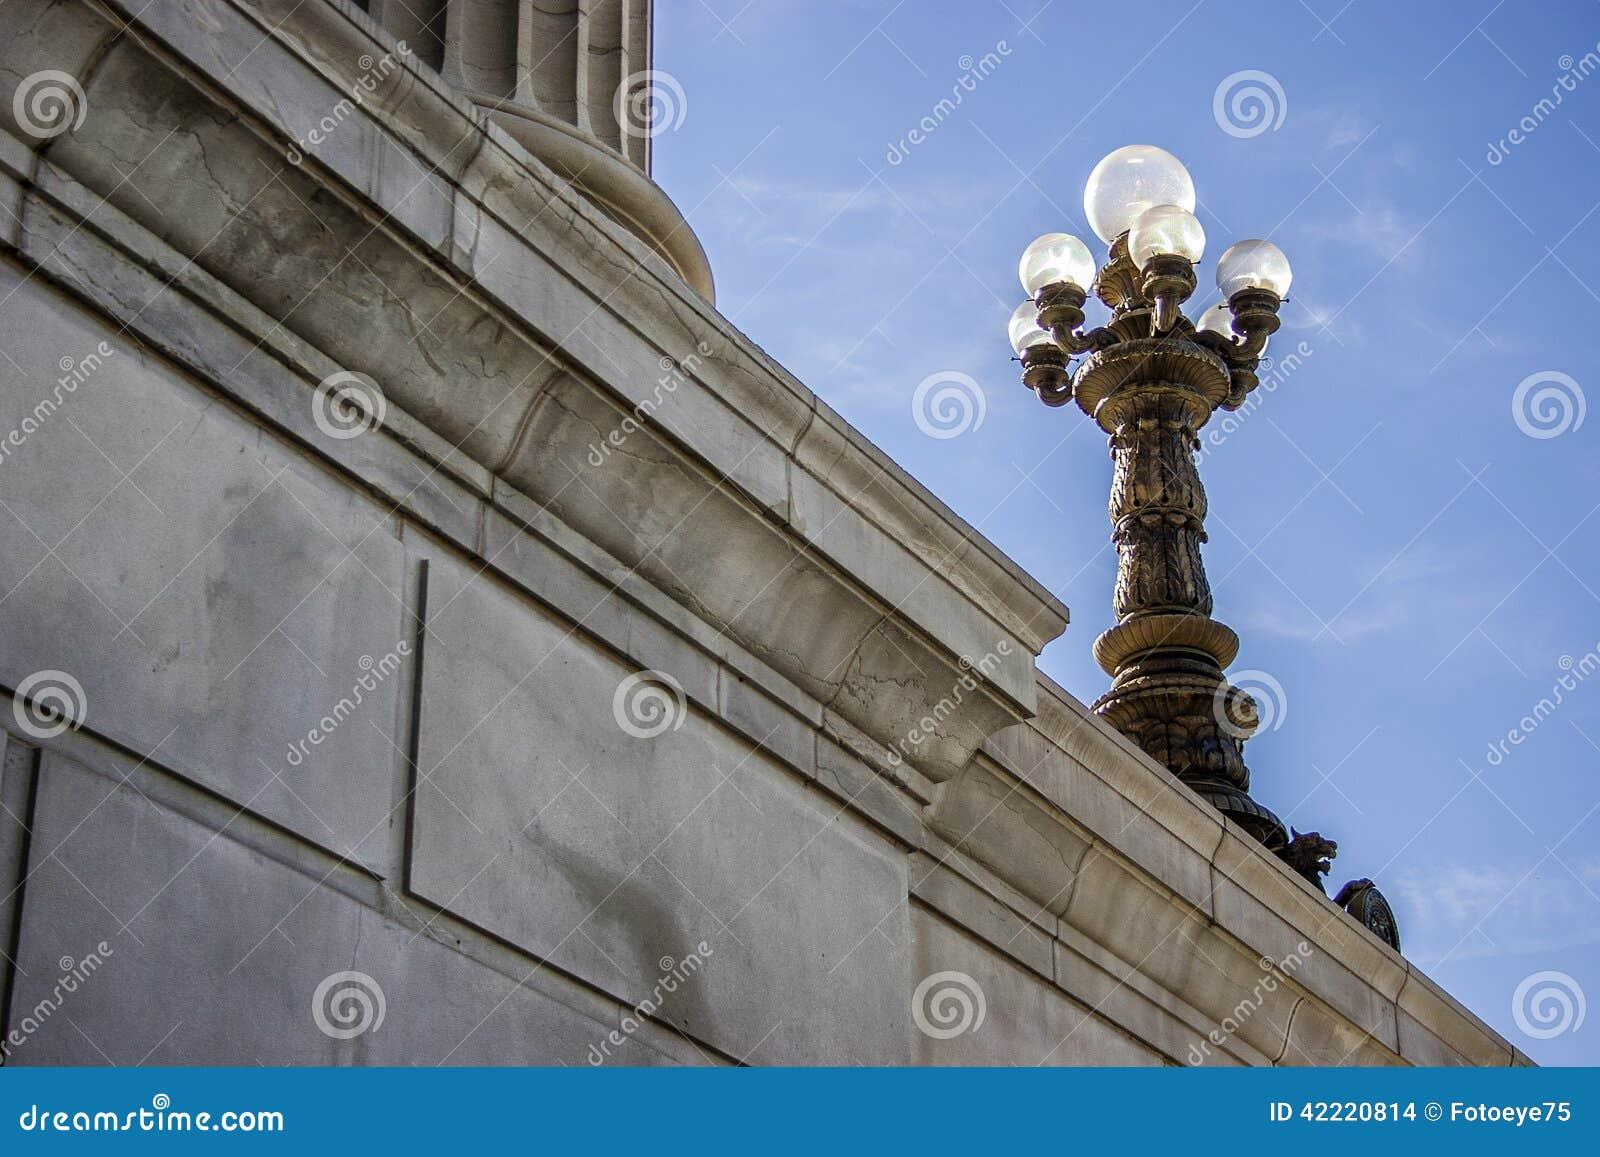 Missouri State Capital